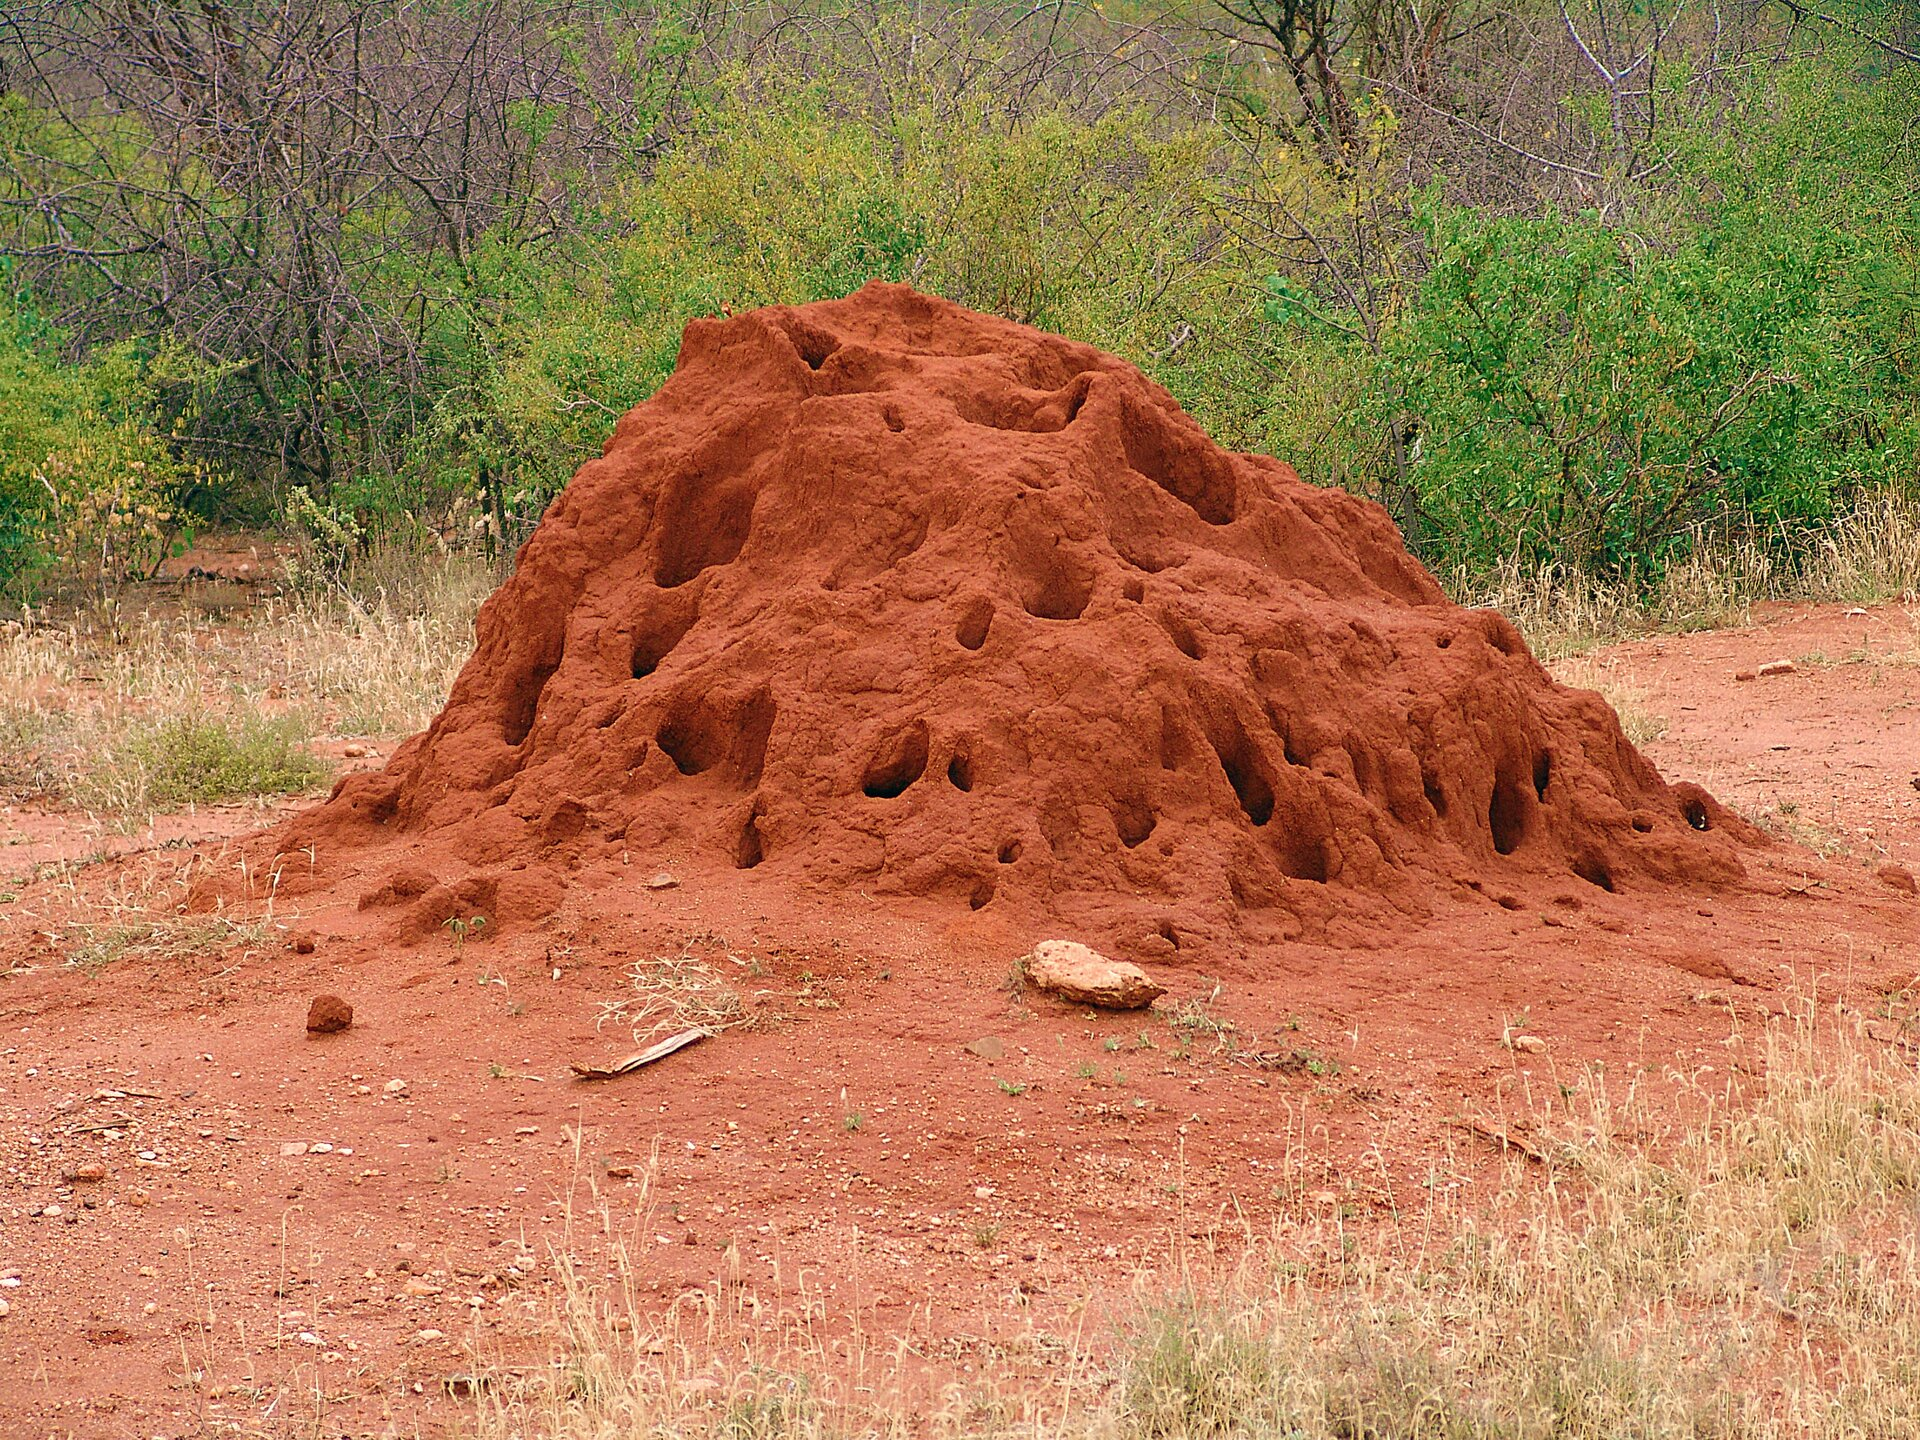 Fotografia przedstawia kopiec termitów onieregularnym kształcie. Wznosi się wysoko ponad rudą ziemię. Ma kolor pomarańczowy, aliczne duże otwory wnim są ciemniejsze. Wtle zielone krzewy, zprzodu sucha trawa. Bilsko kopca nic nie rośnie.